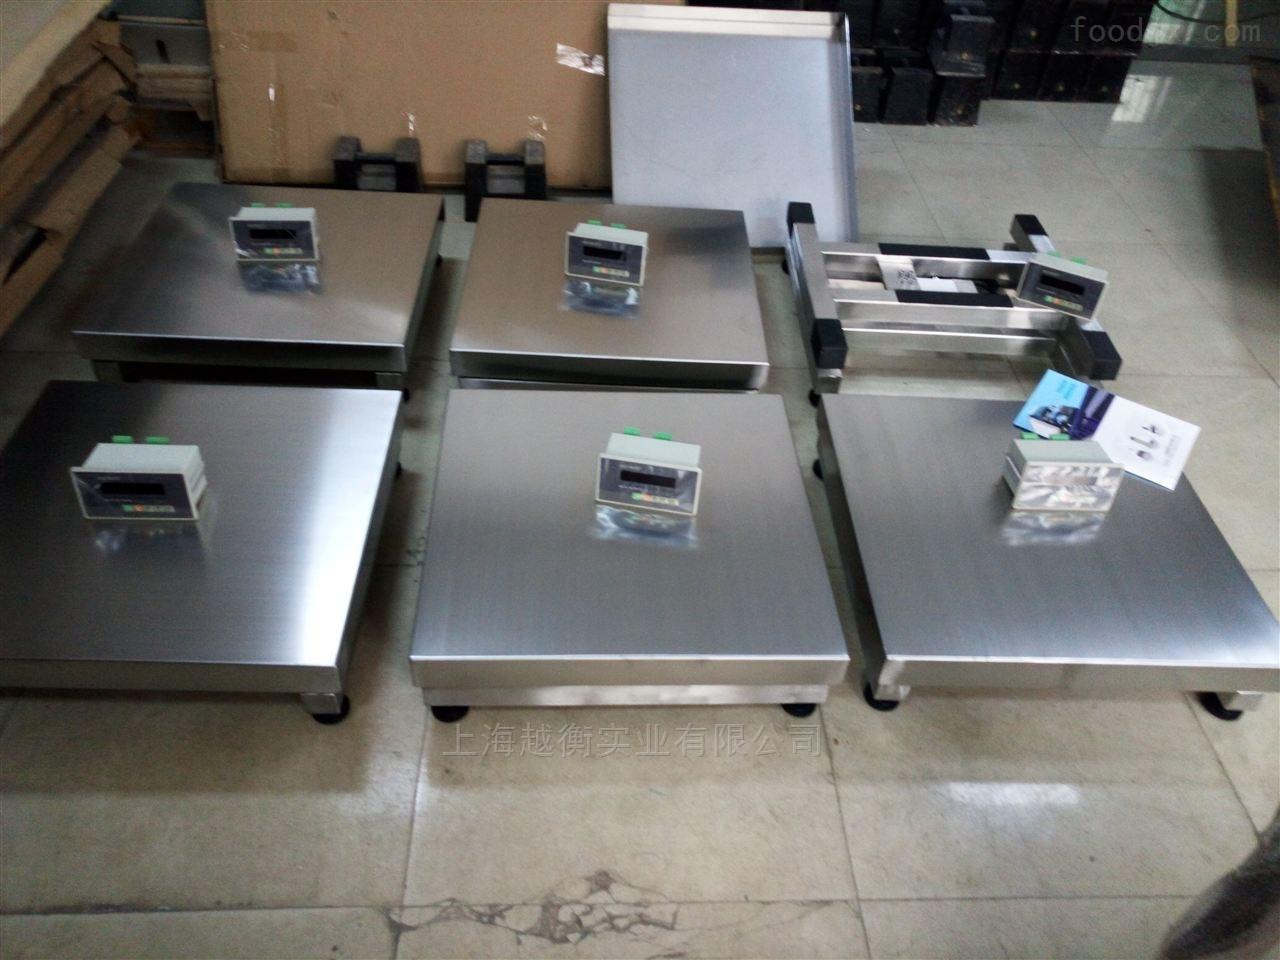 食品加工厂里防腐防水不锈钢电子台秤300KG